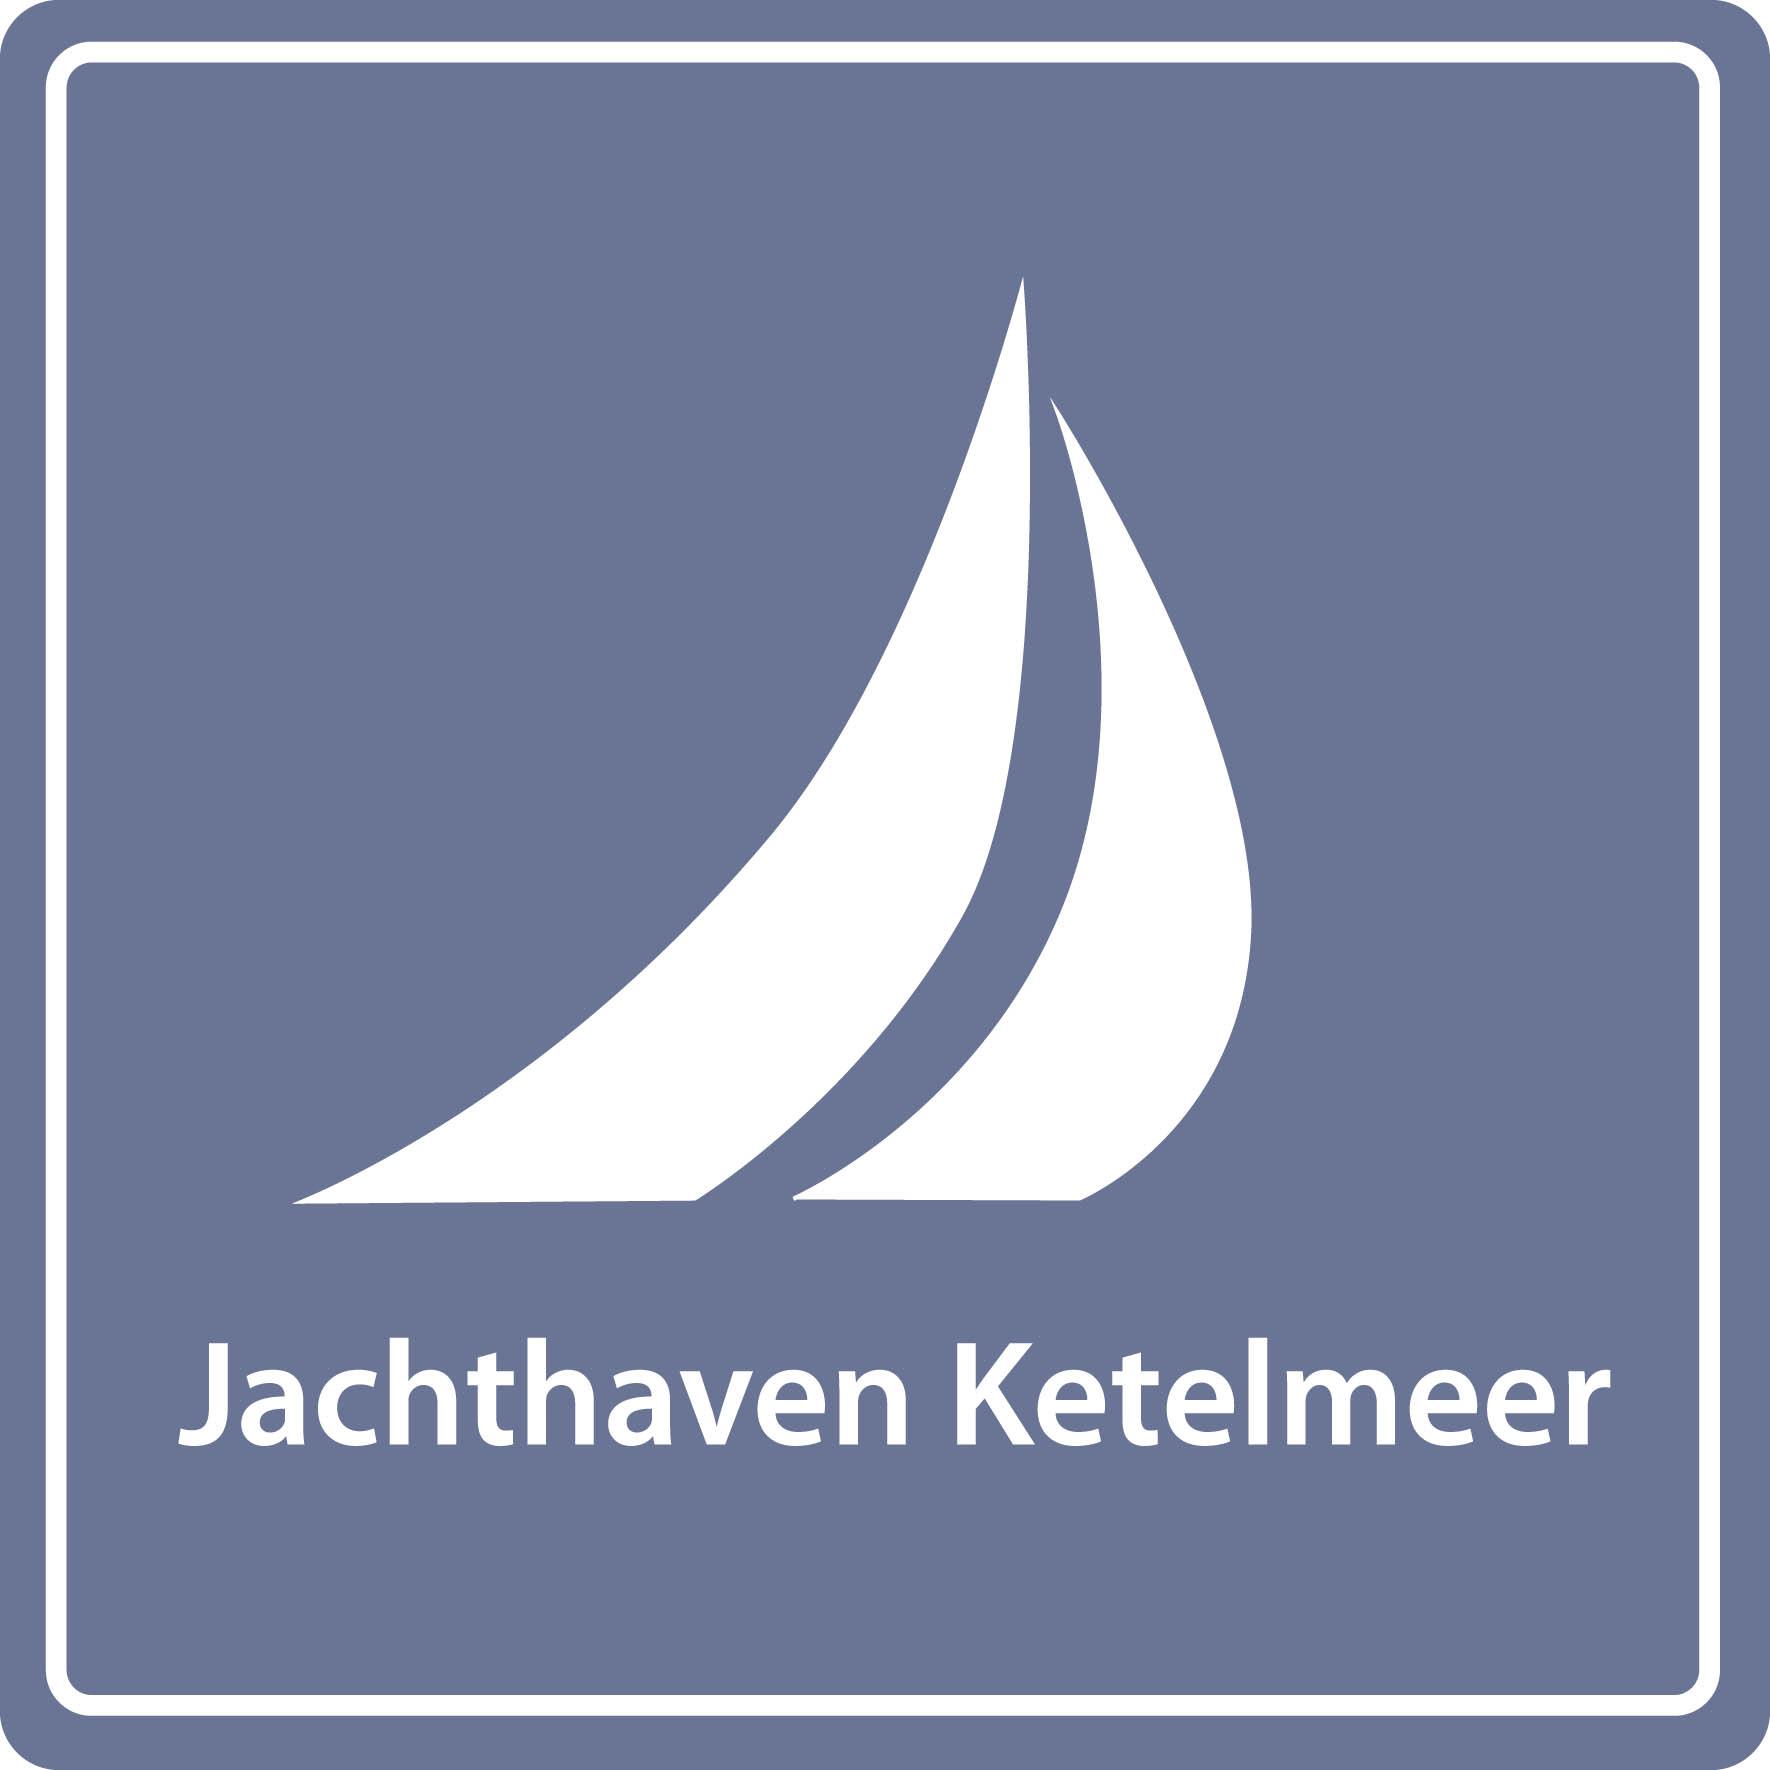 Stichting Jachthaven Ketelmeer